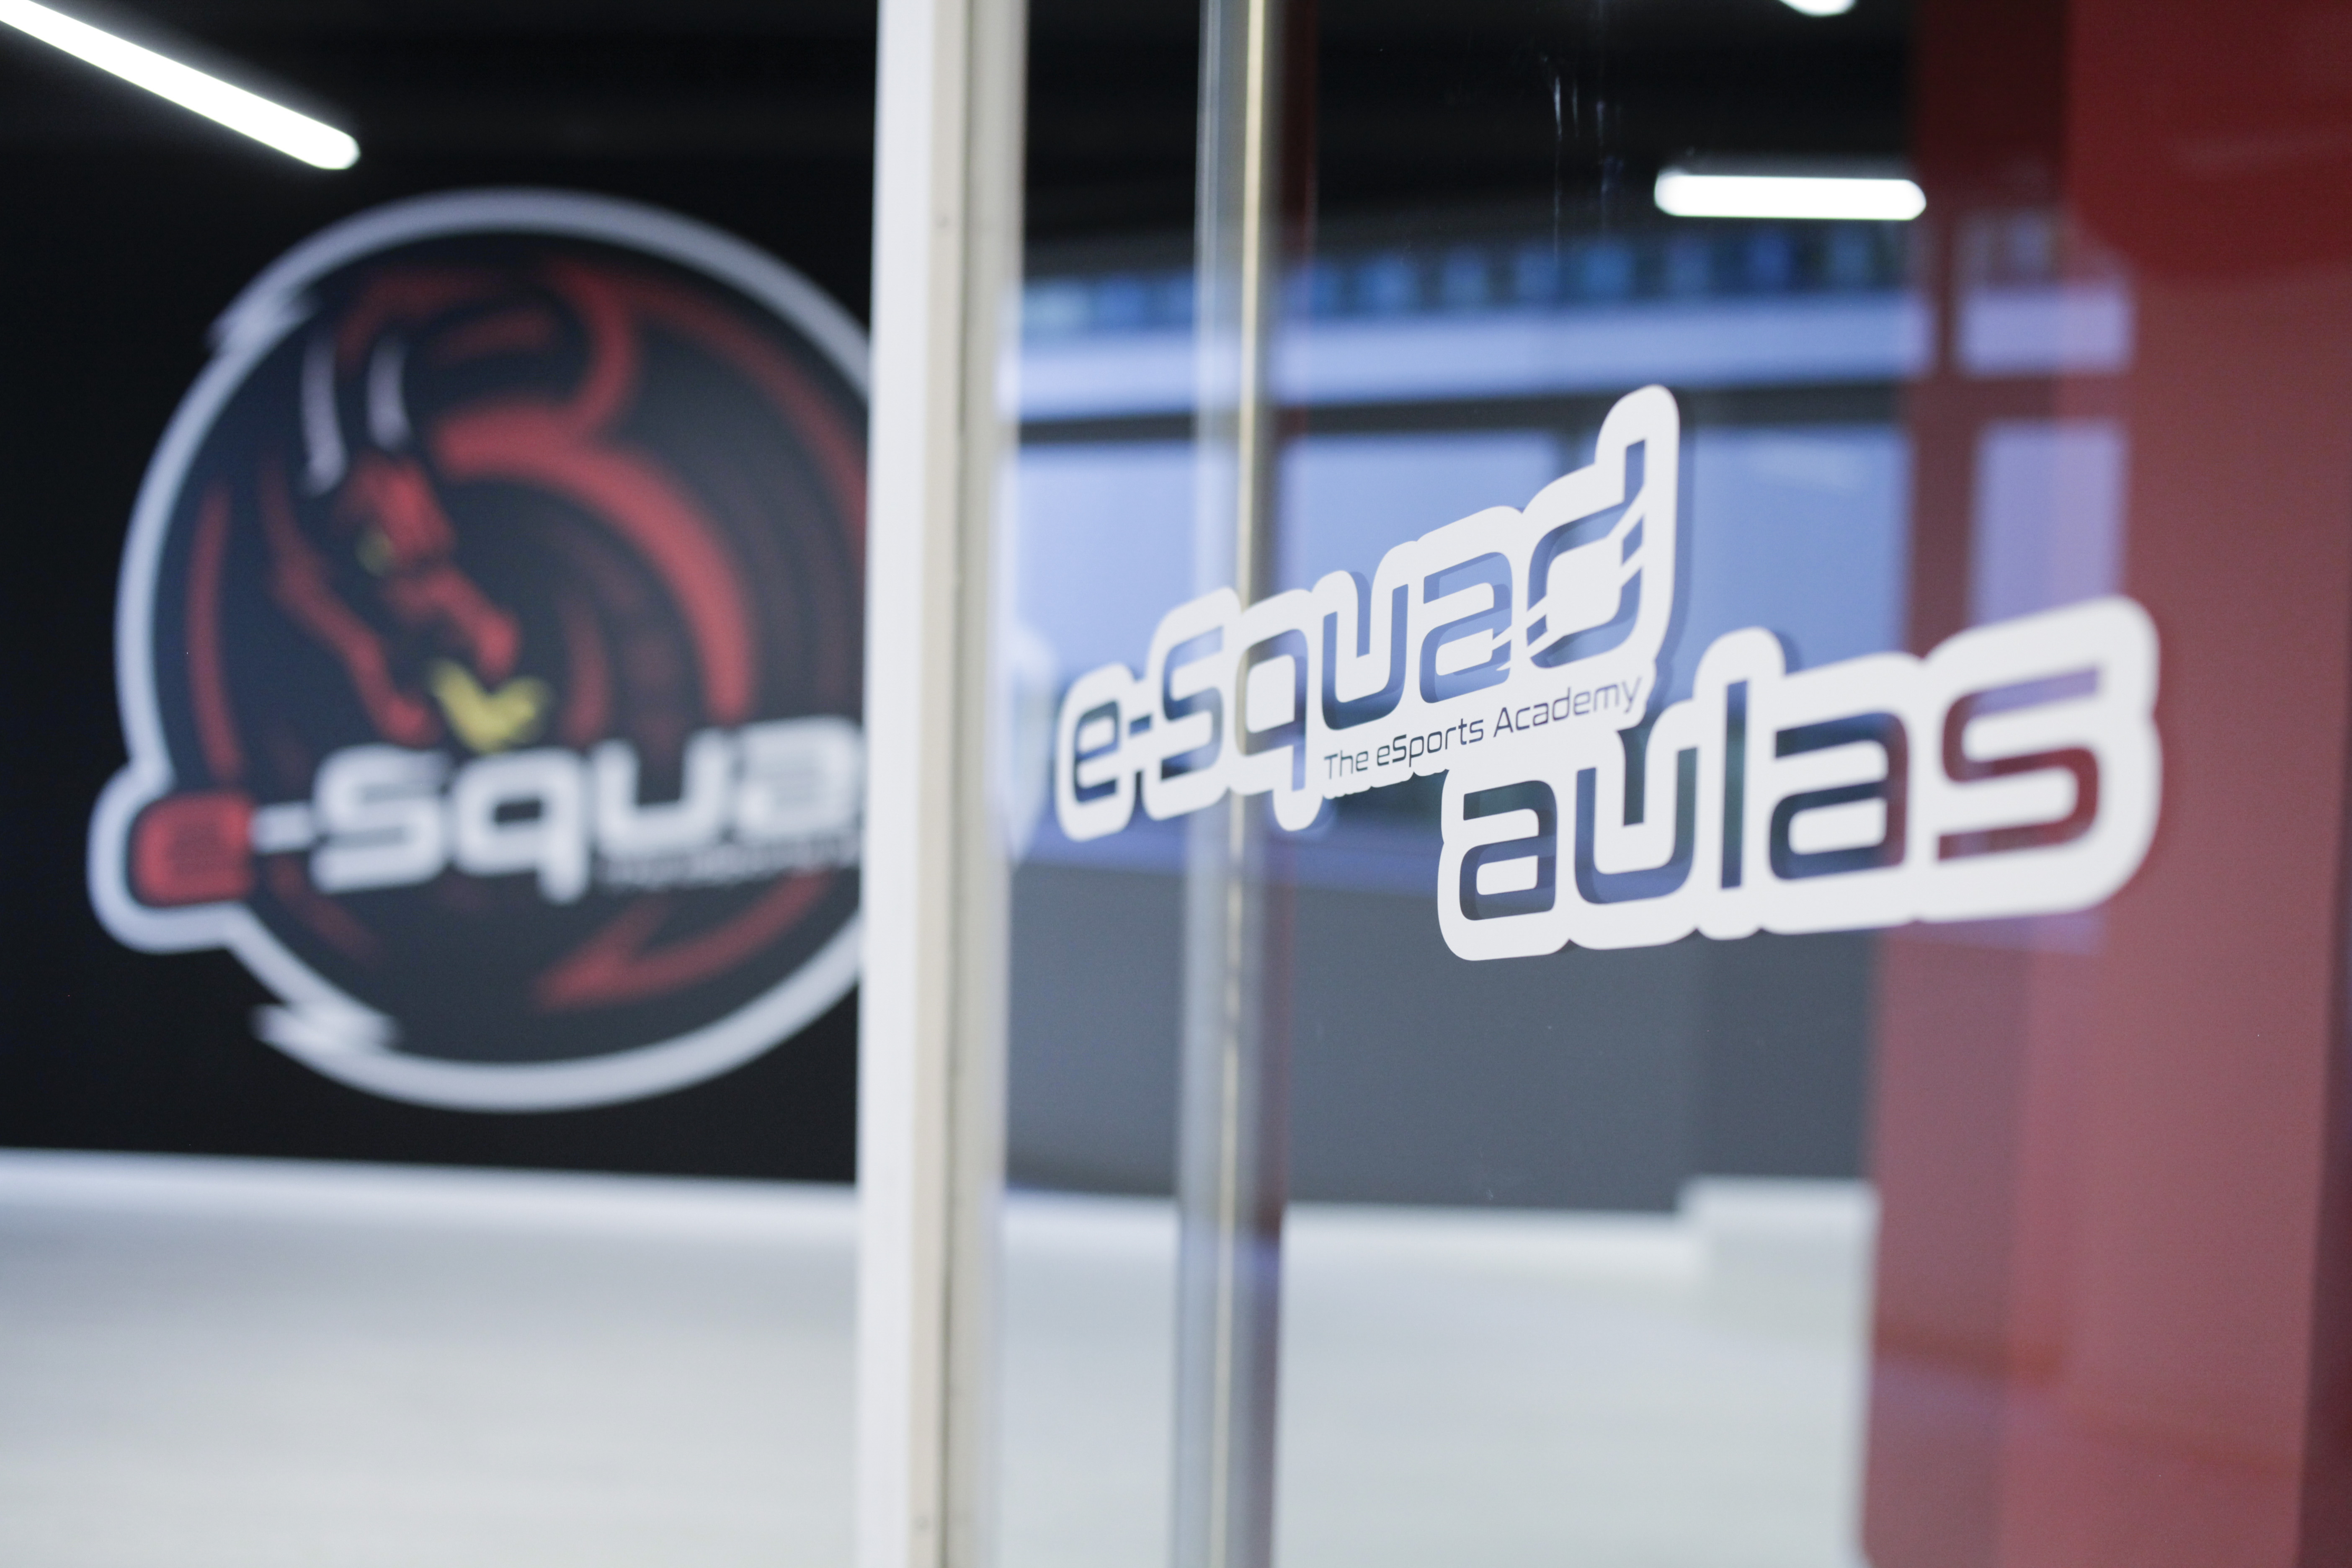 e-squad_academy_Entrada Aulas.JPG